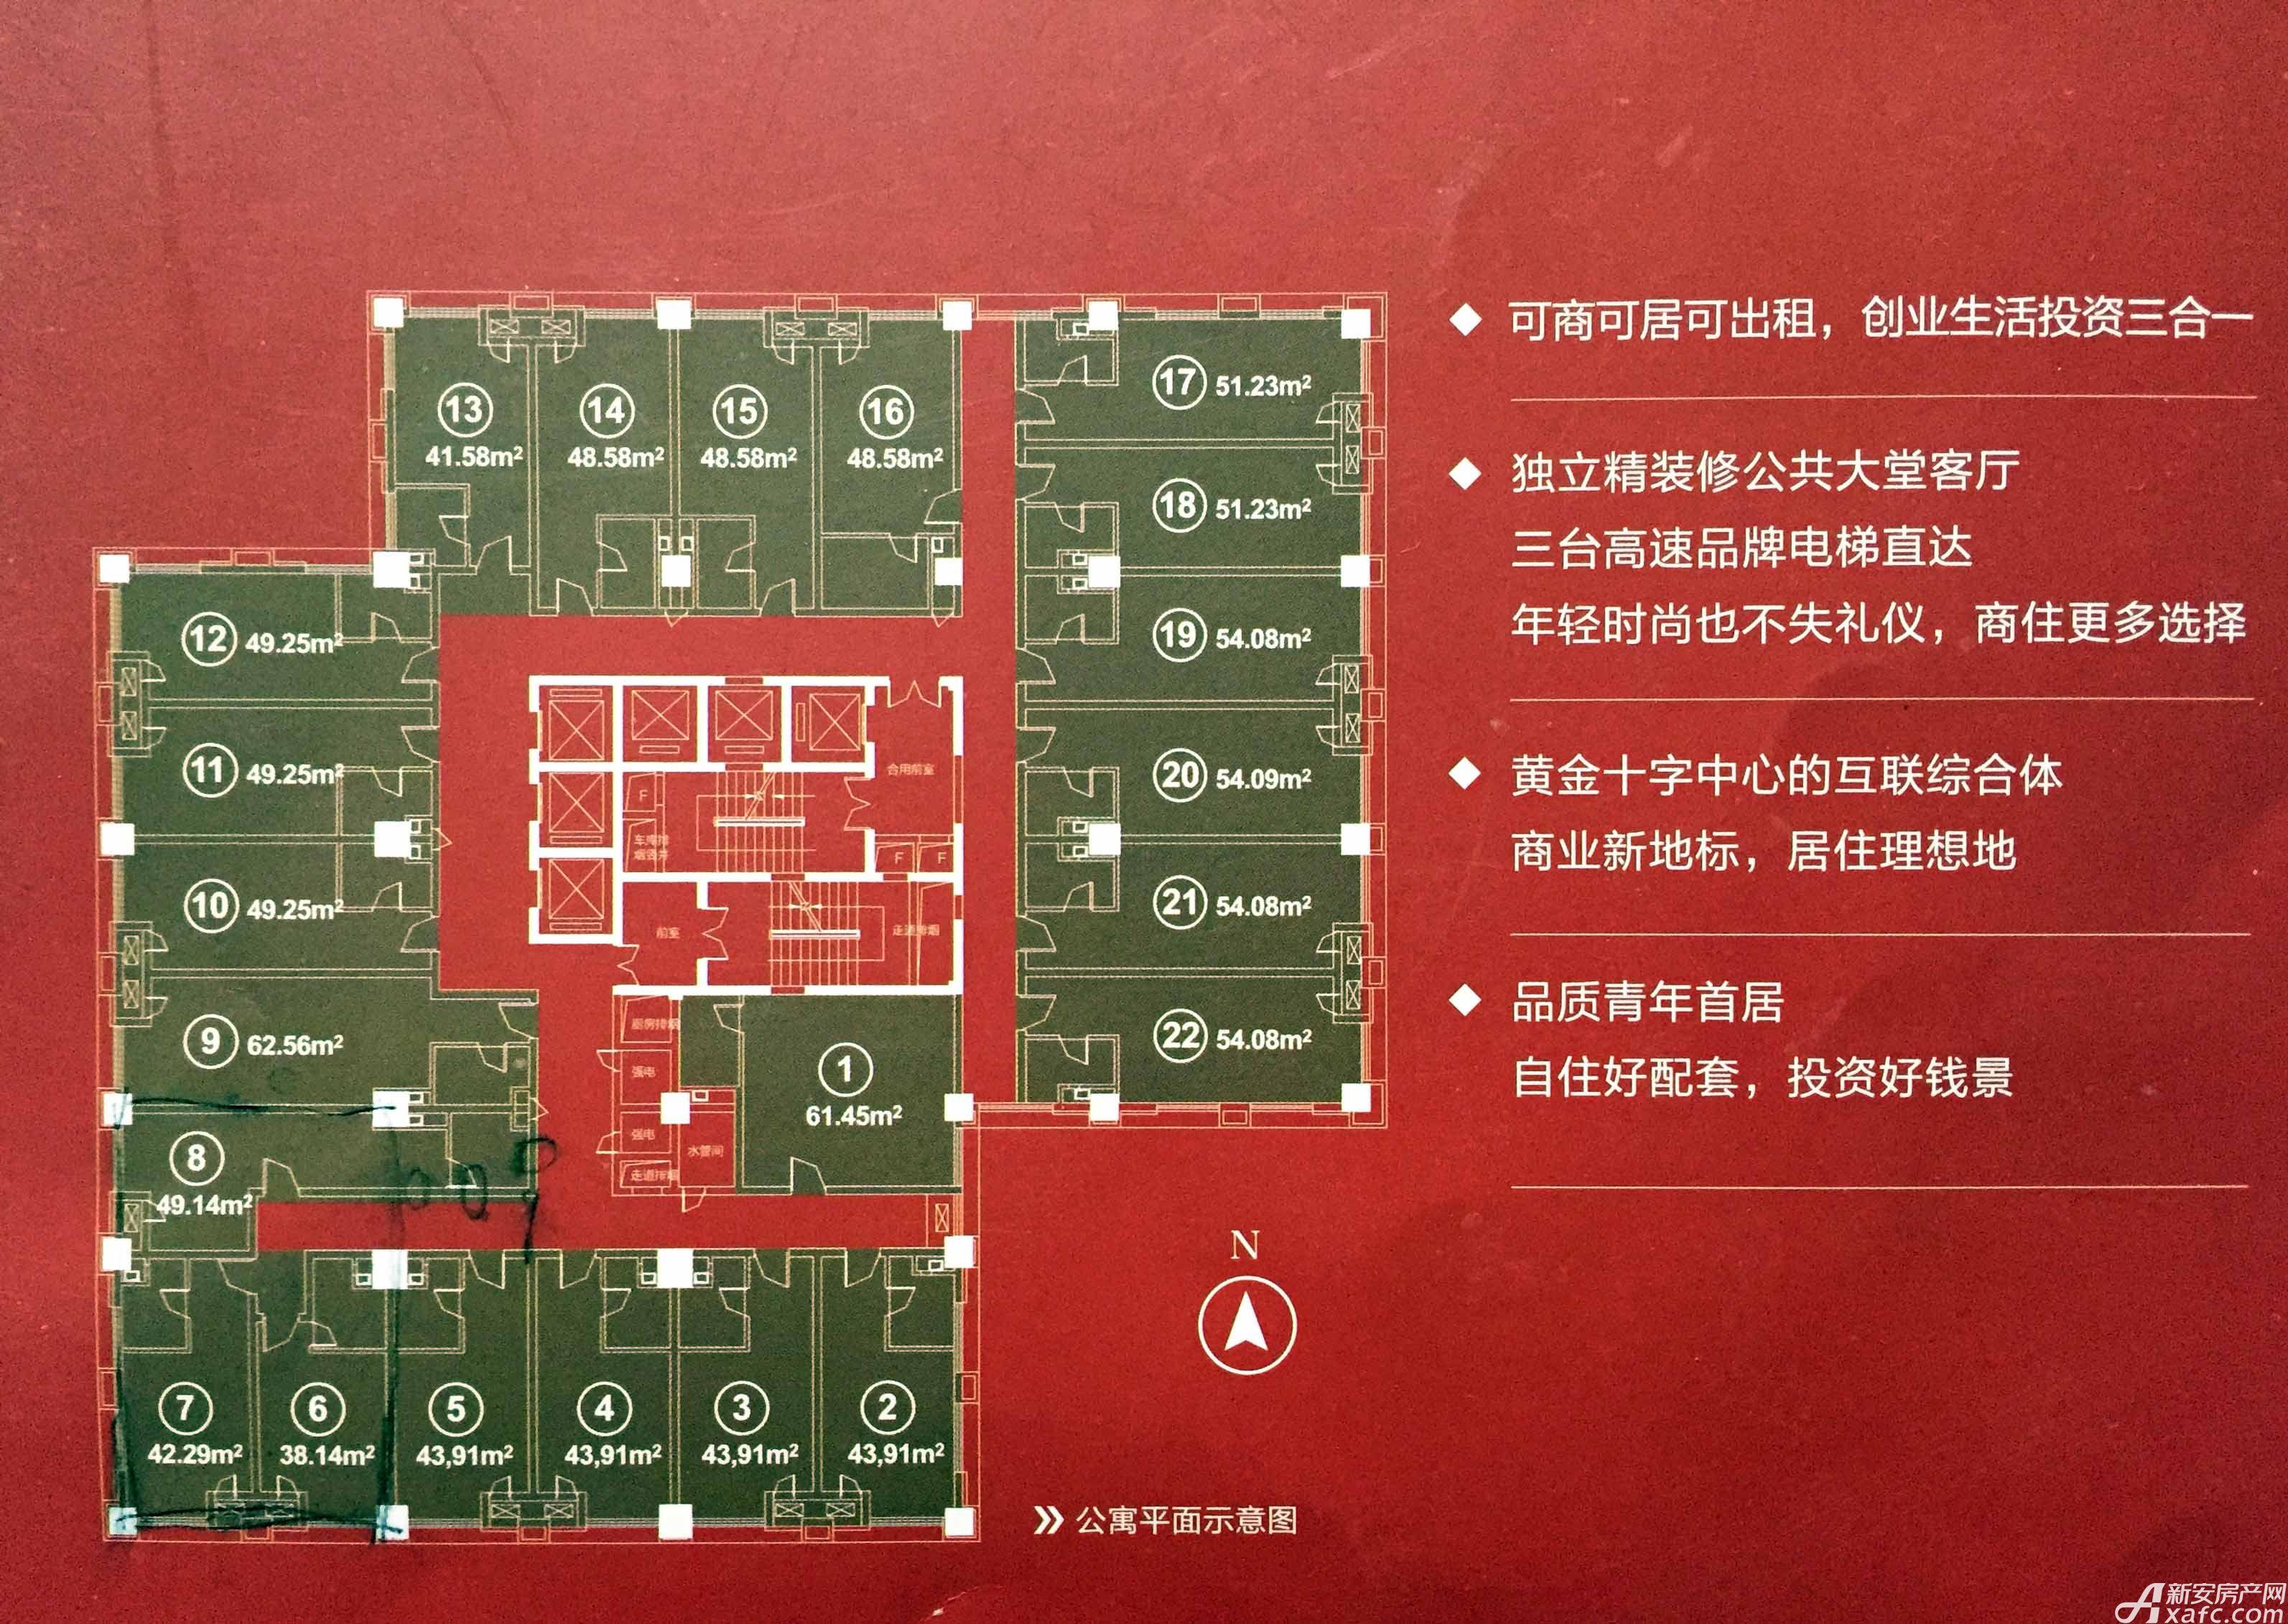 万泰汇富广场酒店式公寓户型平面图1室1厅54平米